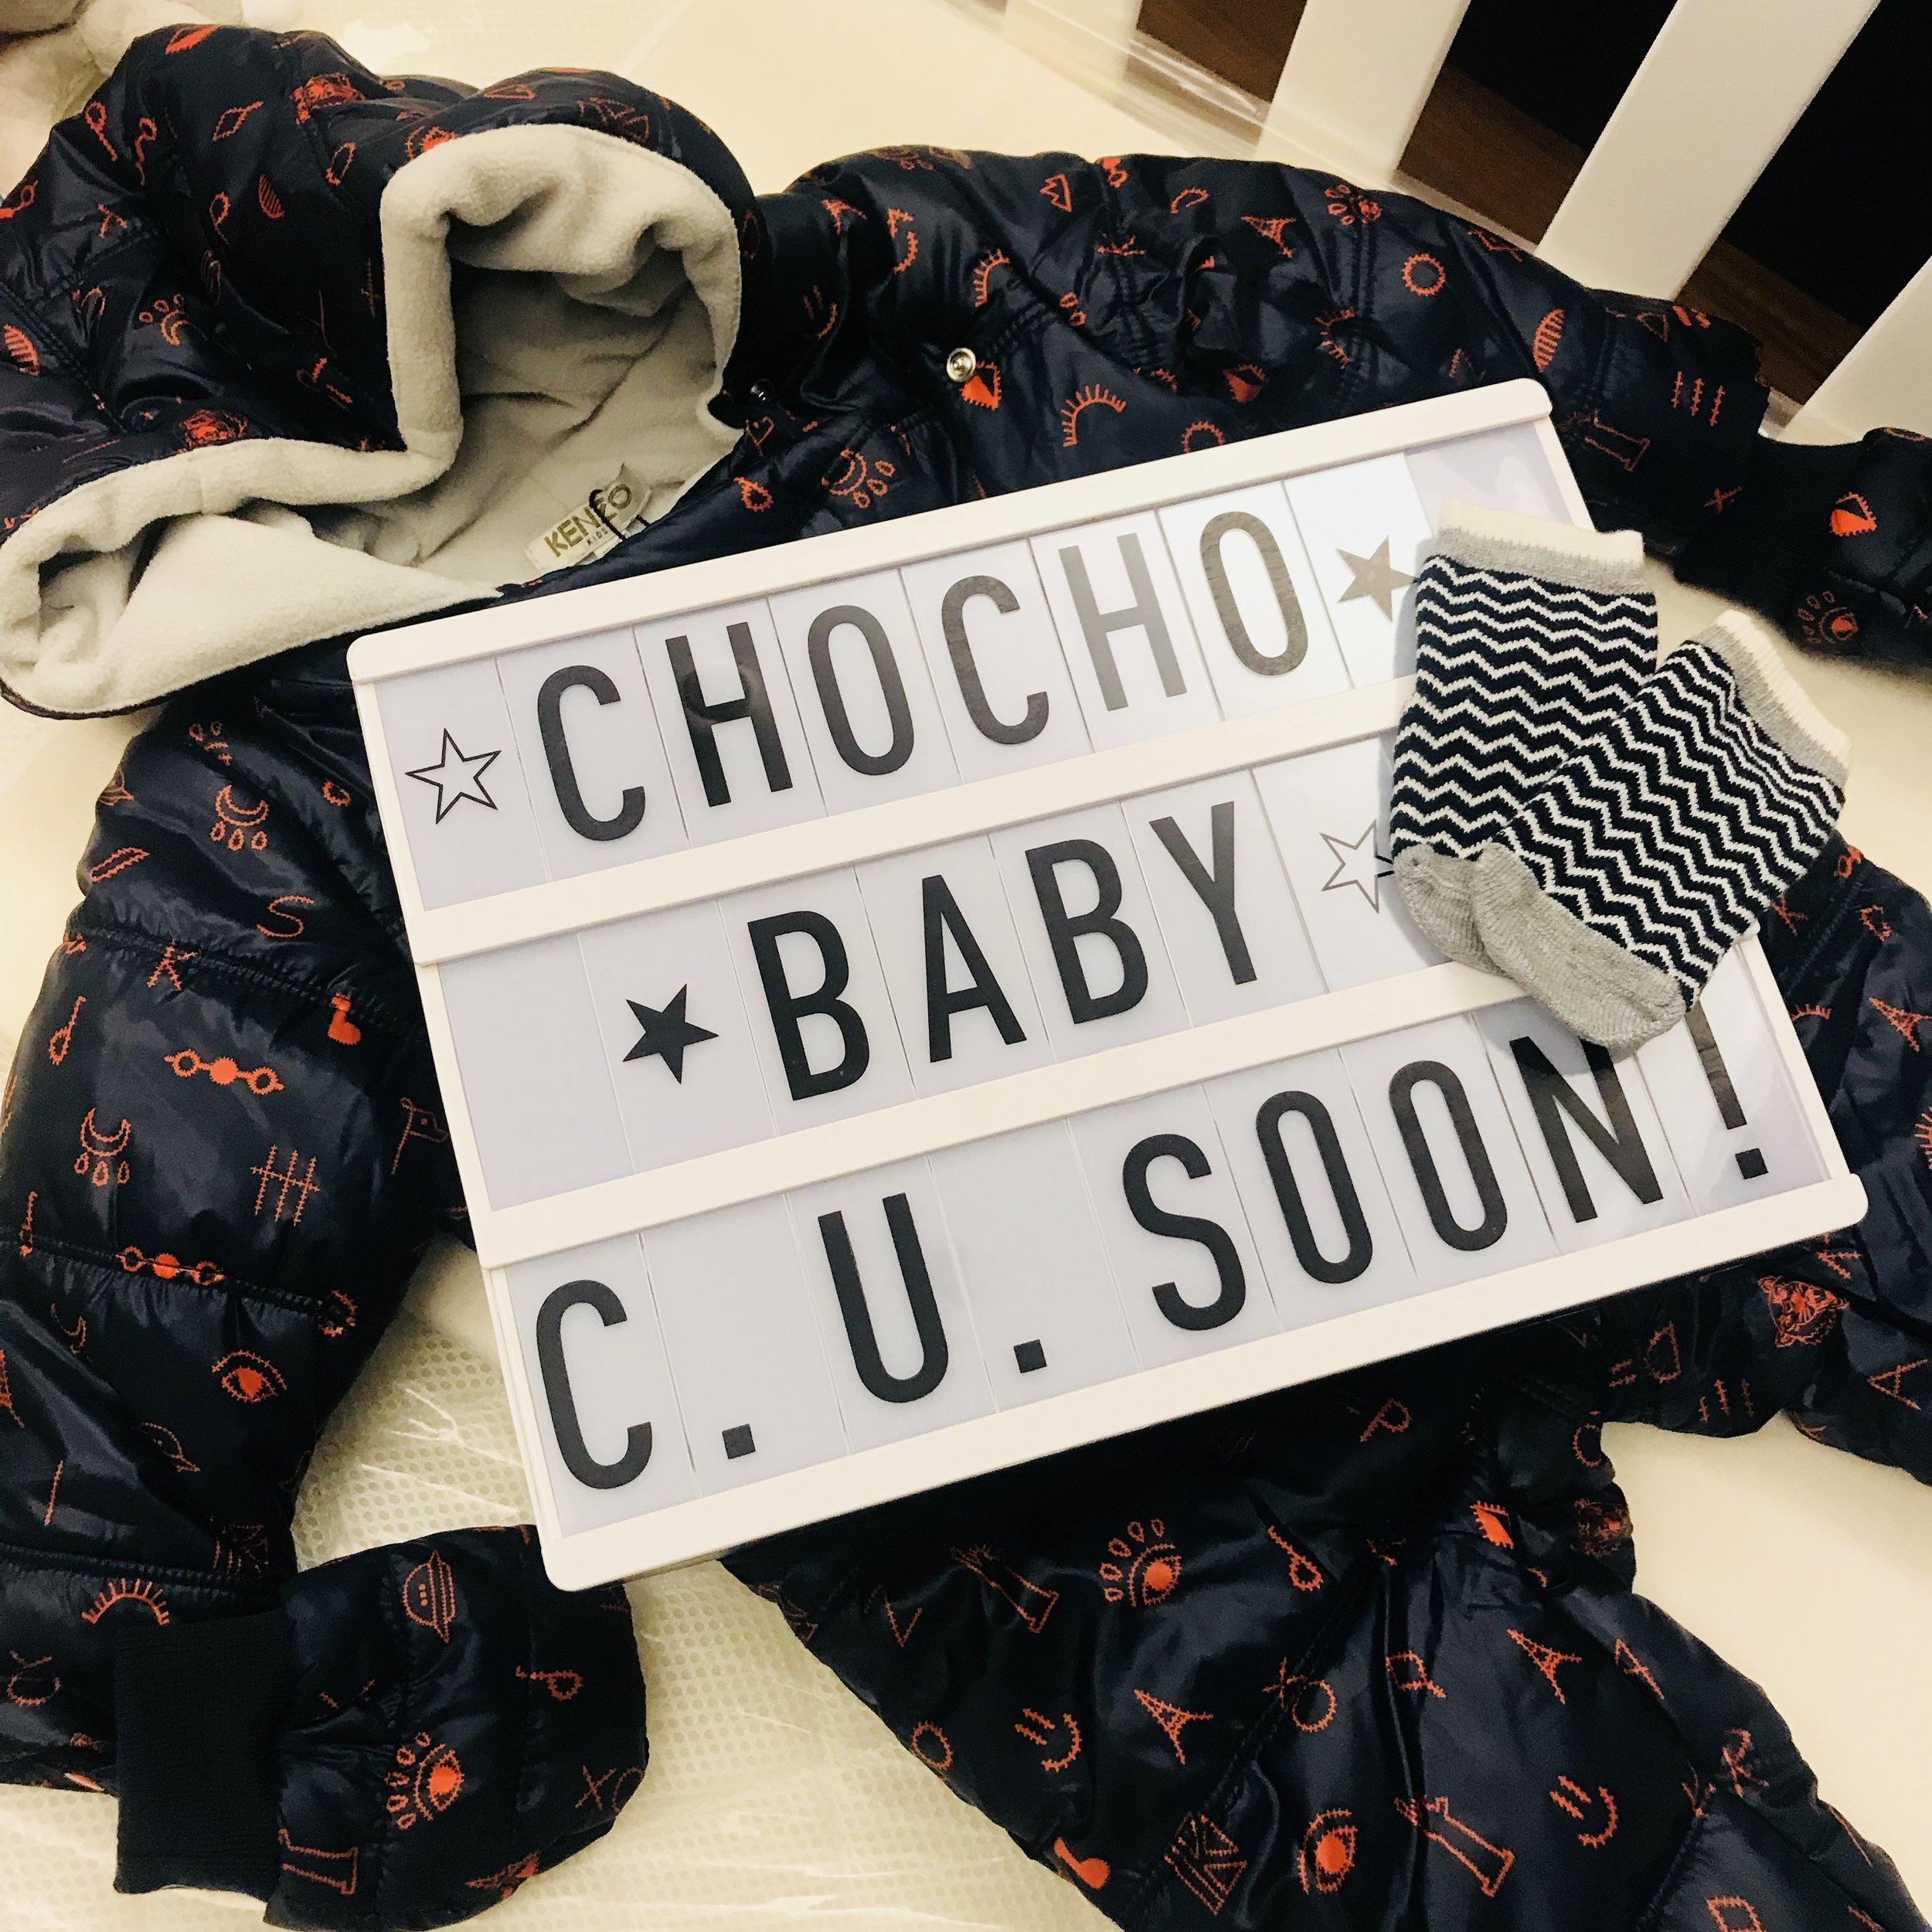 看著組裝好的嬰兒床放著朋友送的小人外套,很難想像一個月後就要真的放嬰兒進去睡了